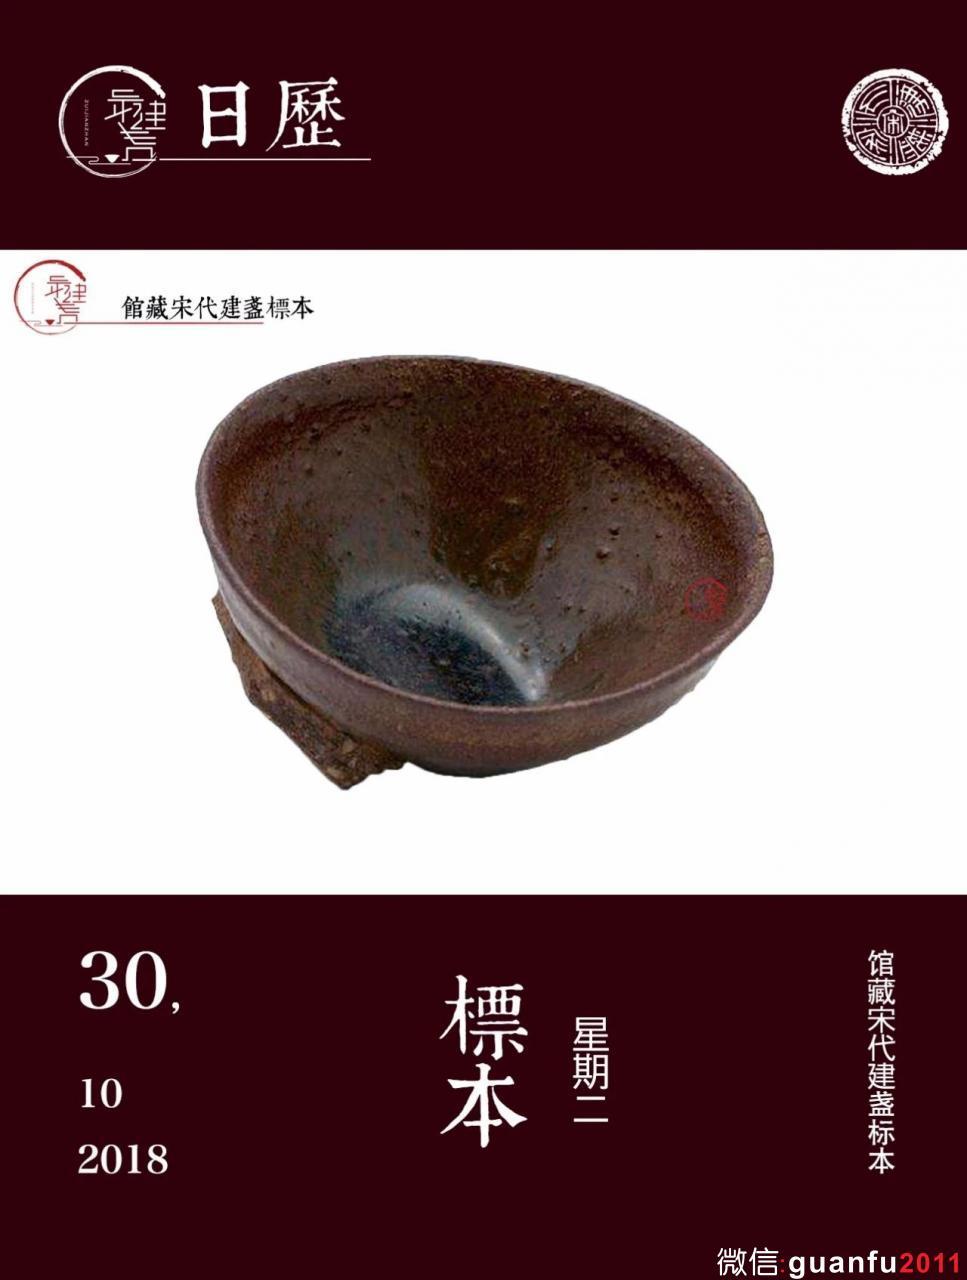 宋代柴烧建盏丨标本 一盏一匣钵 龙窑窑具之一匣钵的功用